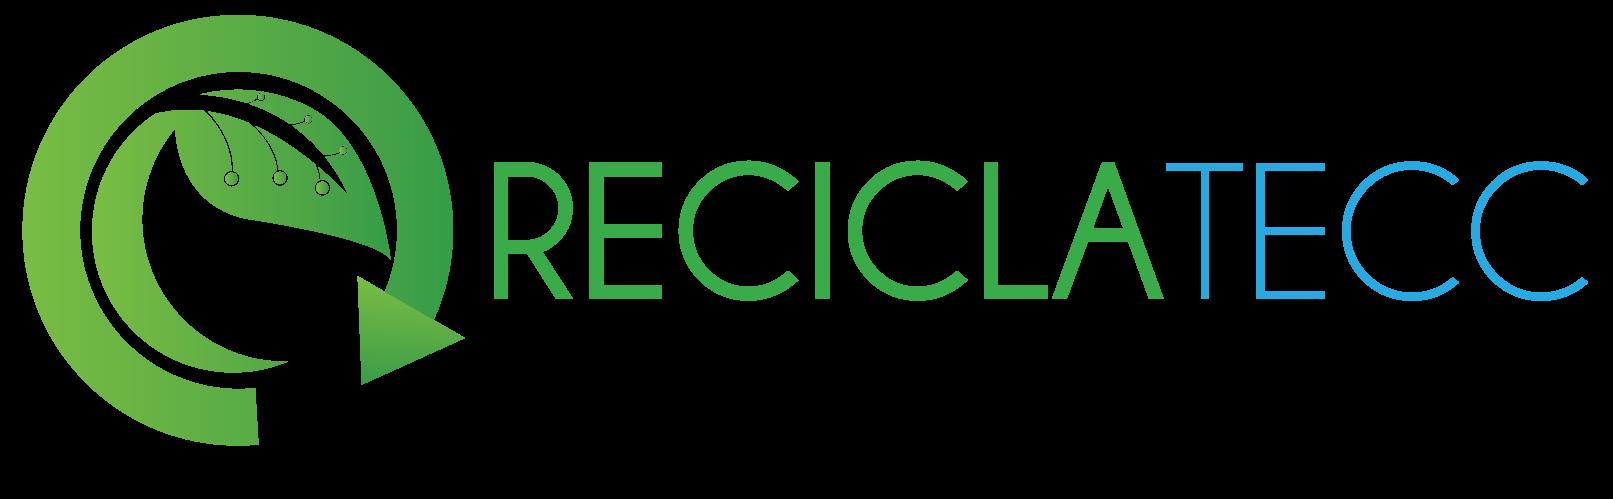 Reciclatecc